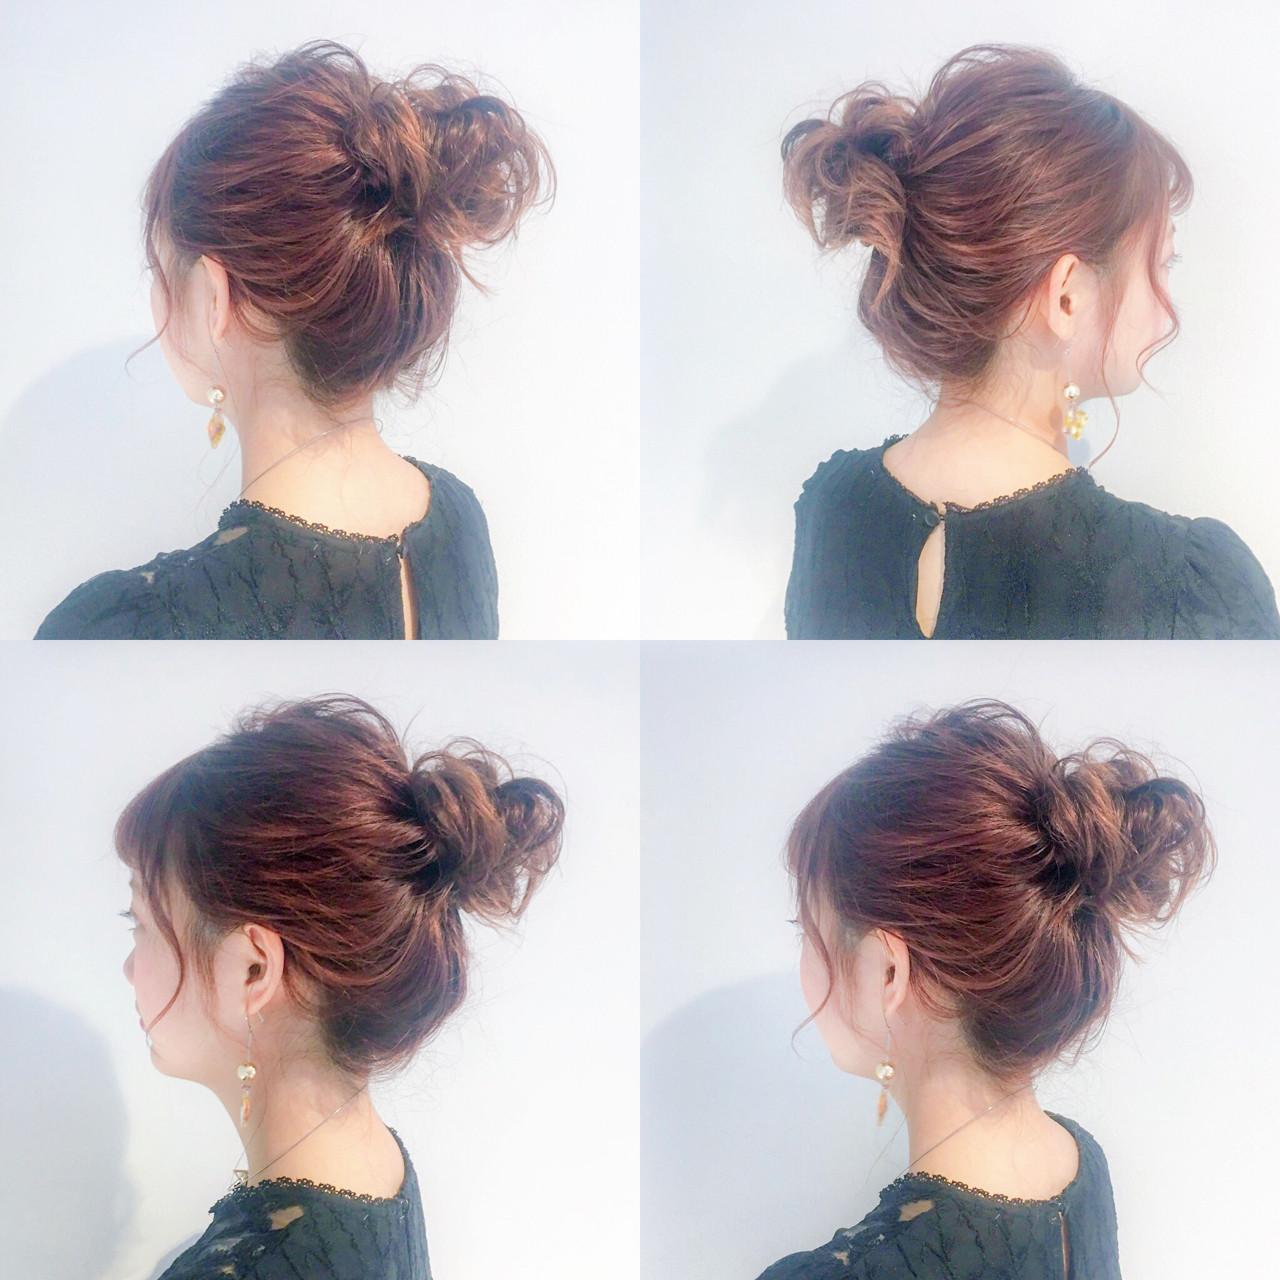 4/10 やっぱりお団子が可愛い♡ ゆるい感じのヘアアレンジの中で1番好きかも(*^▽^*) ・ 後れ毛がなくてもありですね(^O^) #Amoute#アムティ#恵比寿#ヘアアレンジ#アレンジ#写真#photo